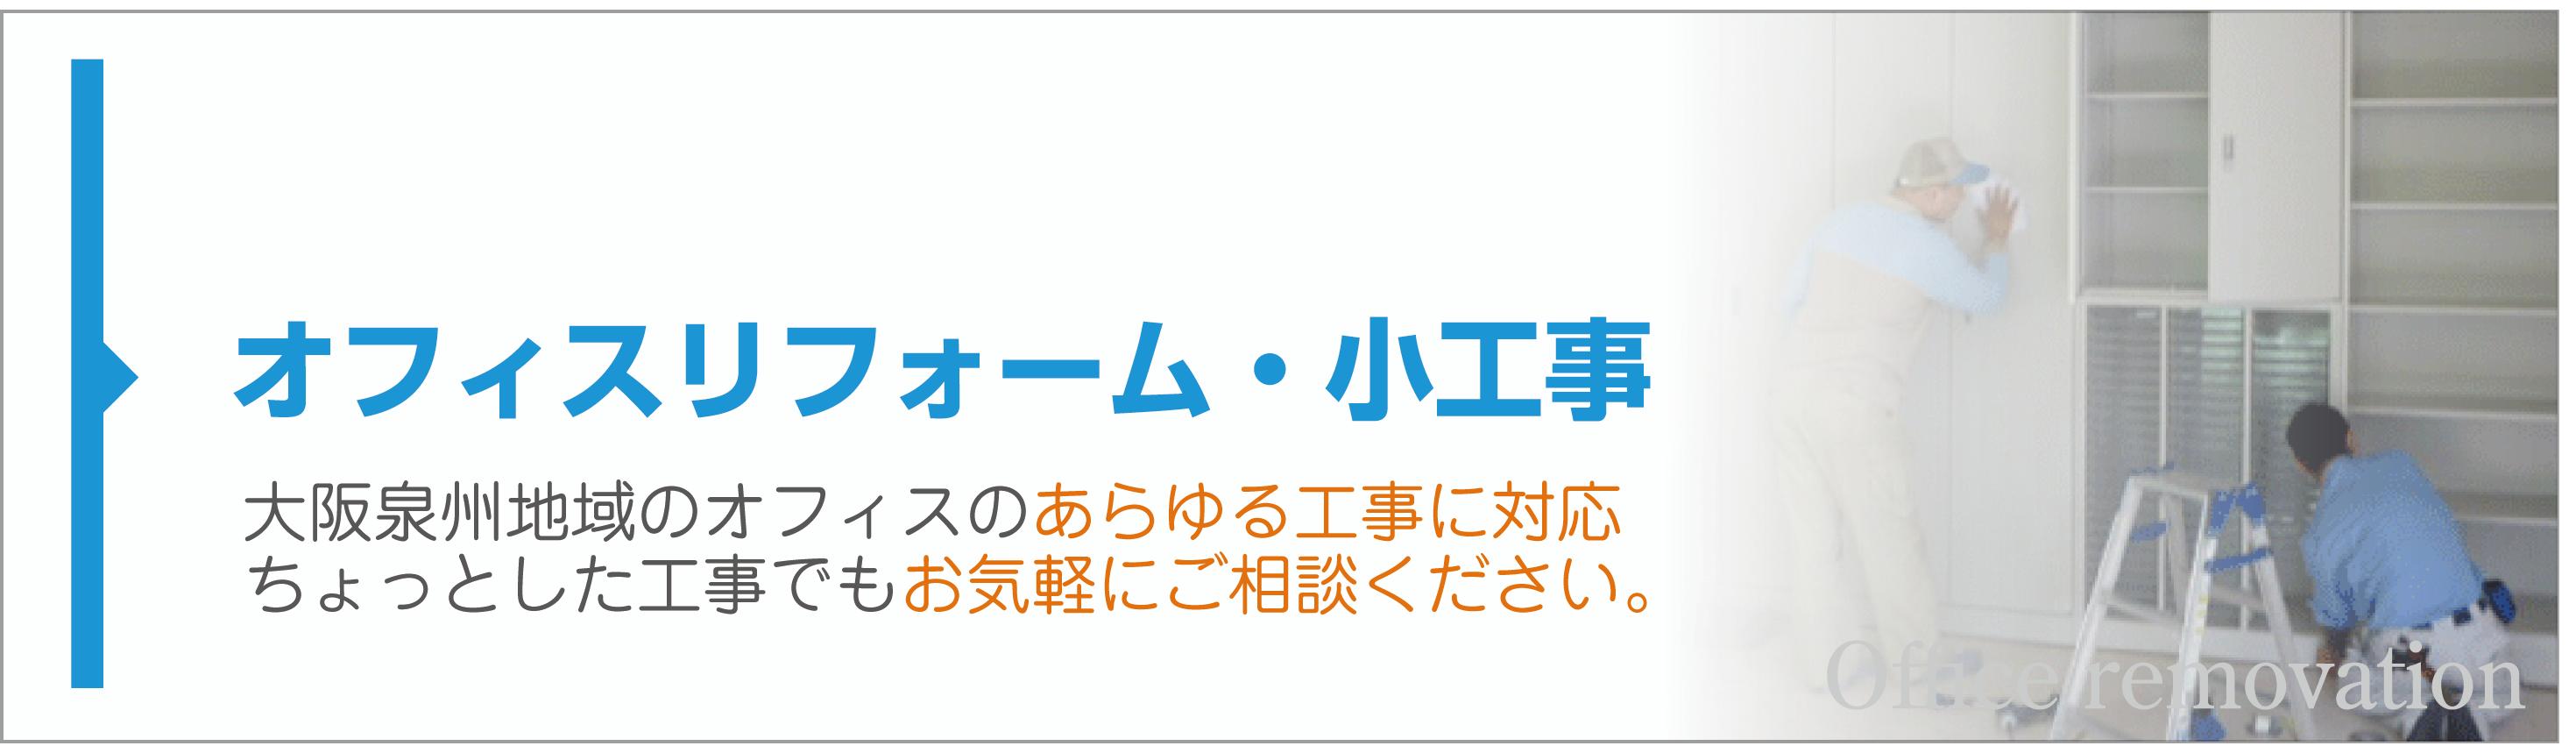 大阪 泉佐野、岸和田、堺でのオフィスリフォーム、小工事は平善にお任せください